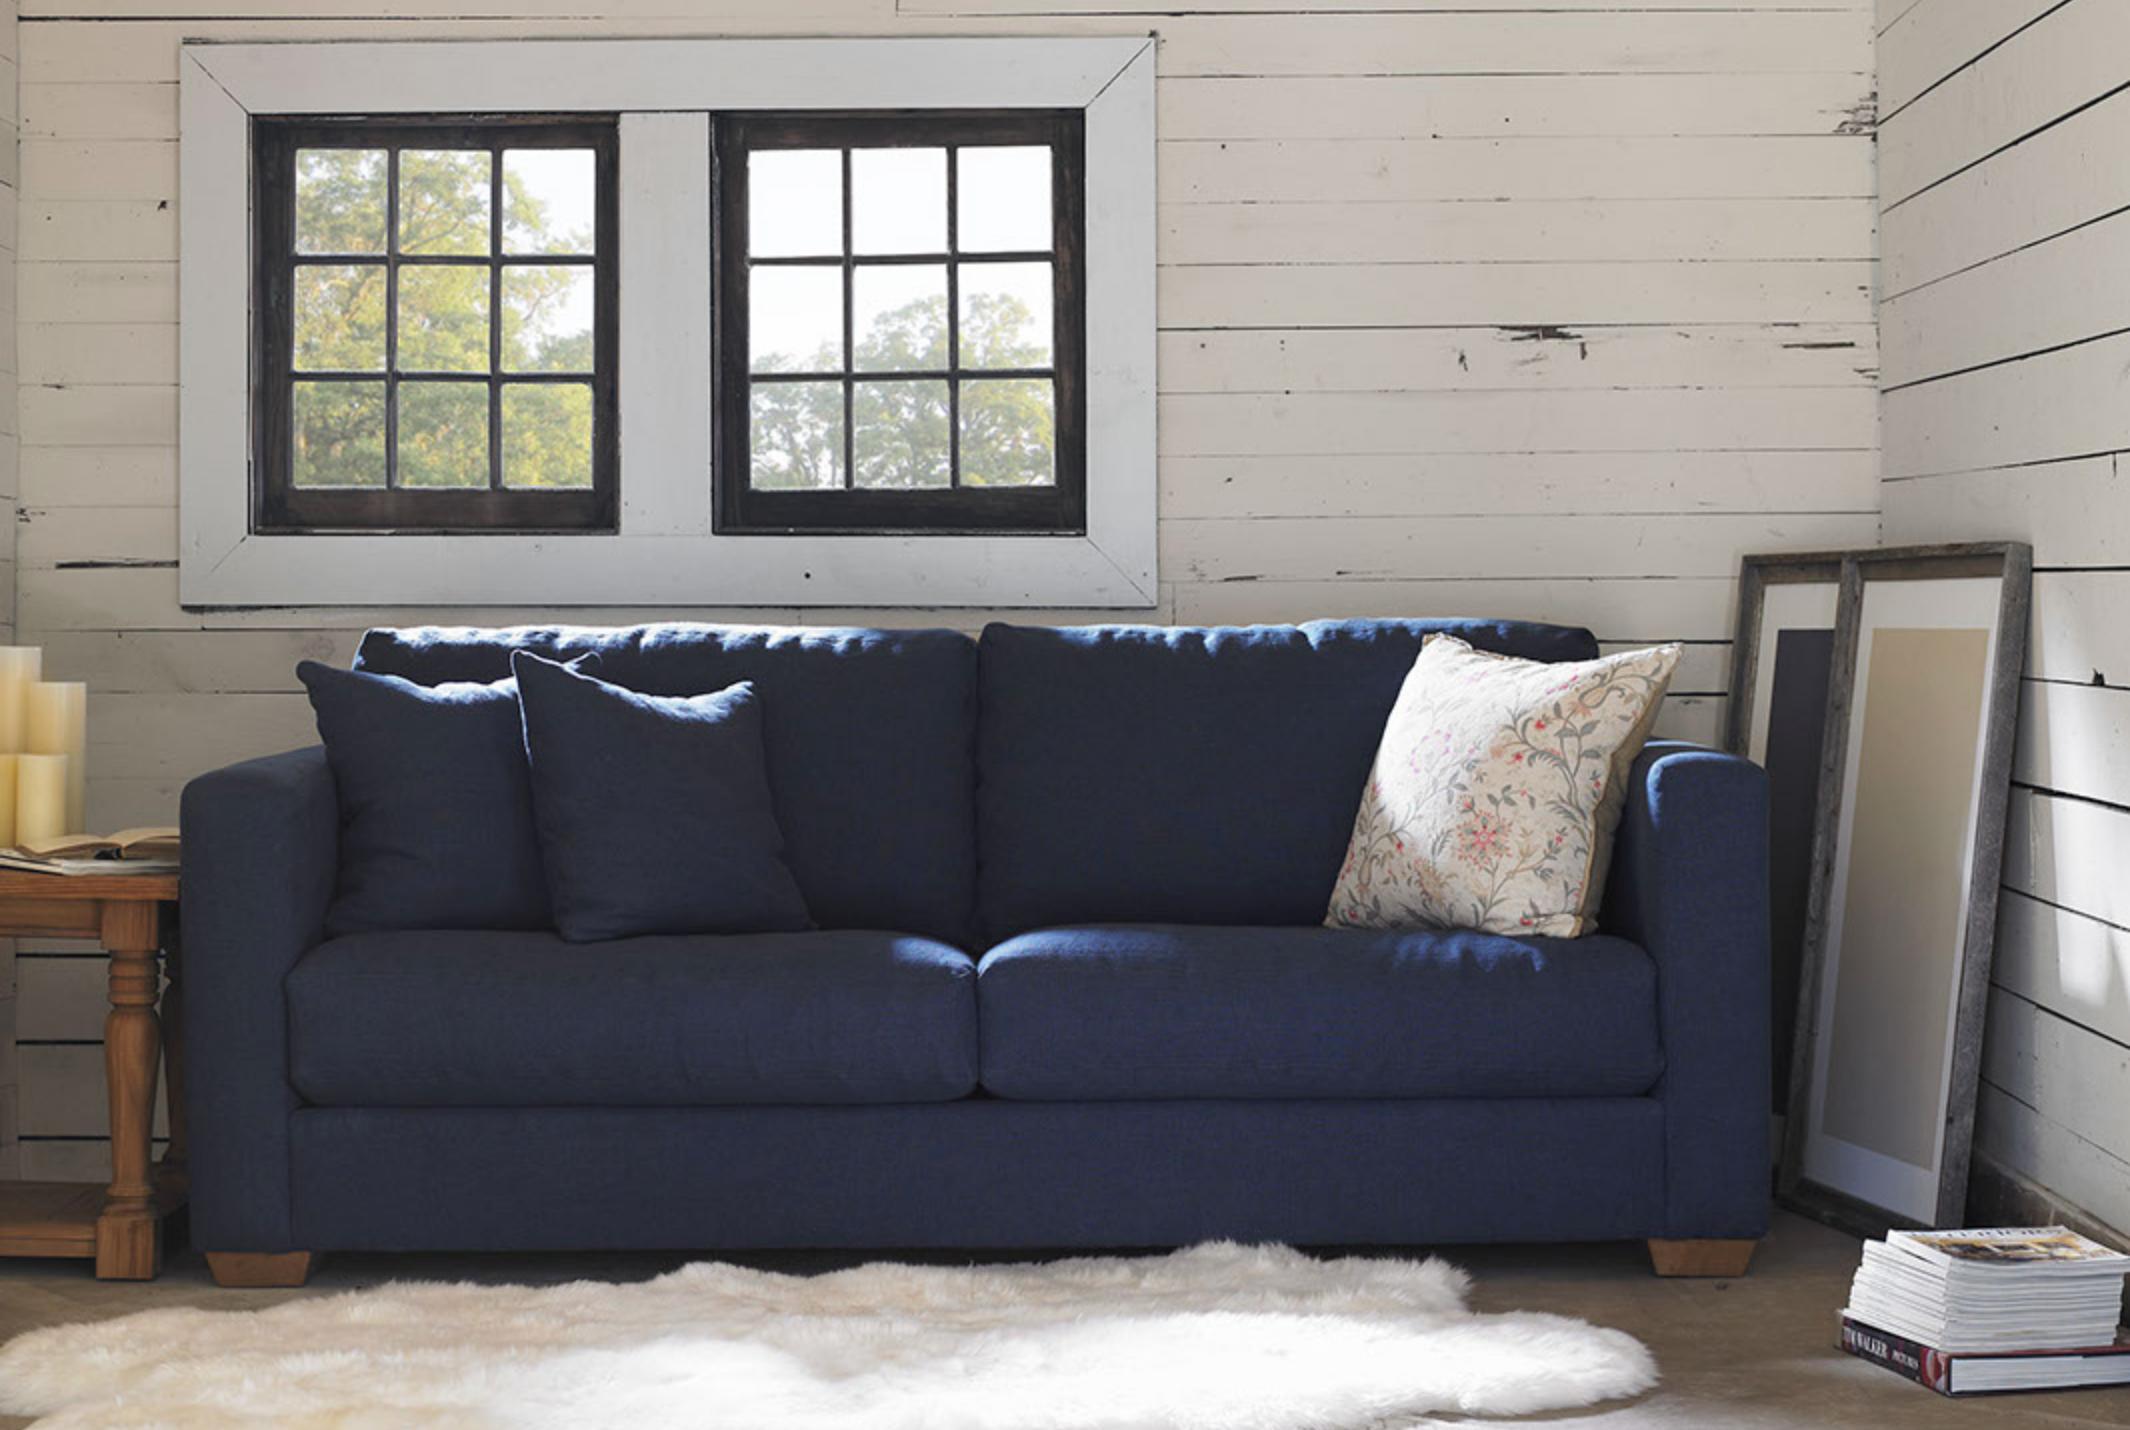 WO_Home Fashion_Furniture12